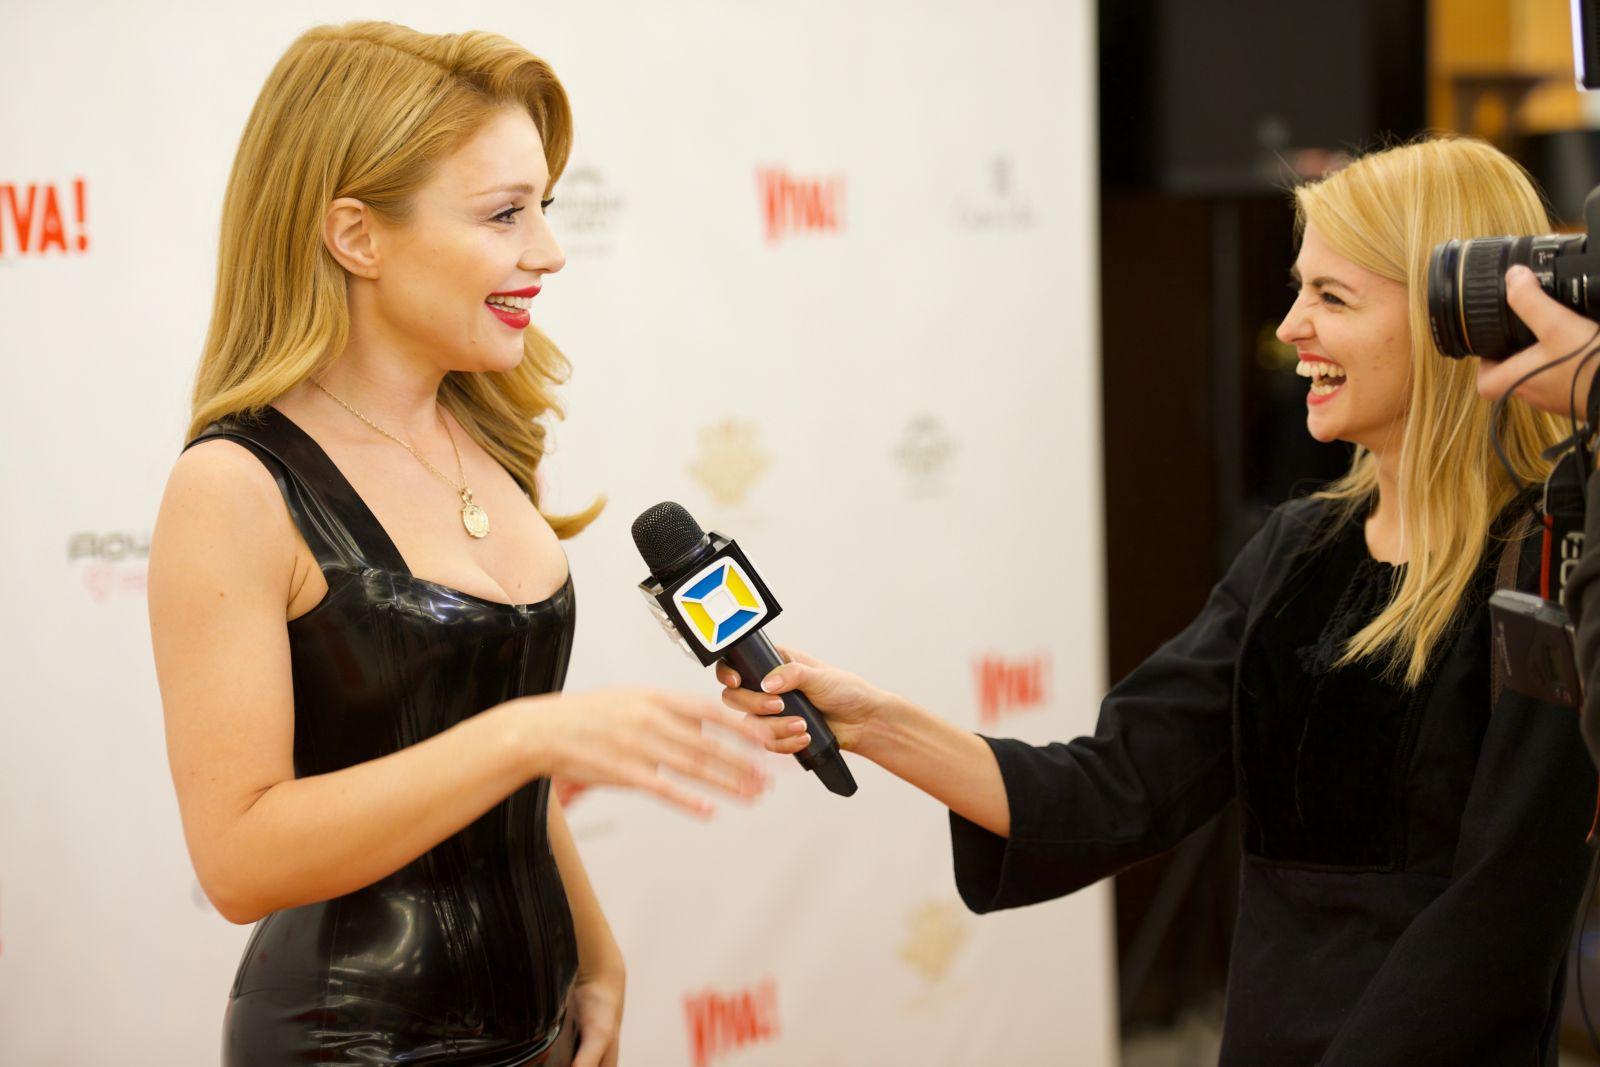 Видео: Тина Кароль поздравляет Viva! с 13-летием